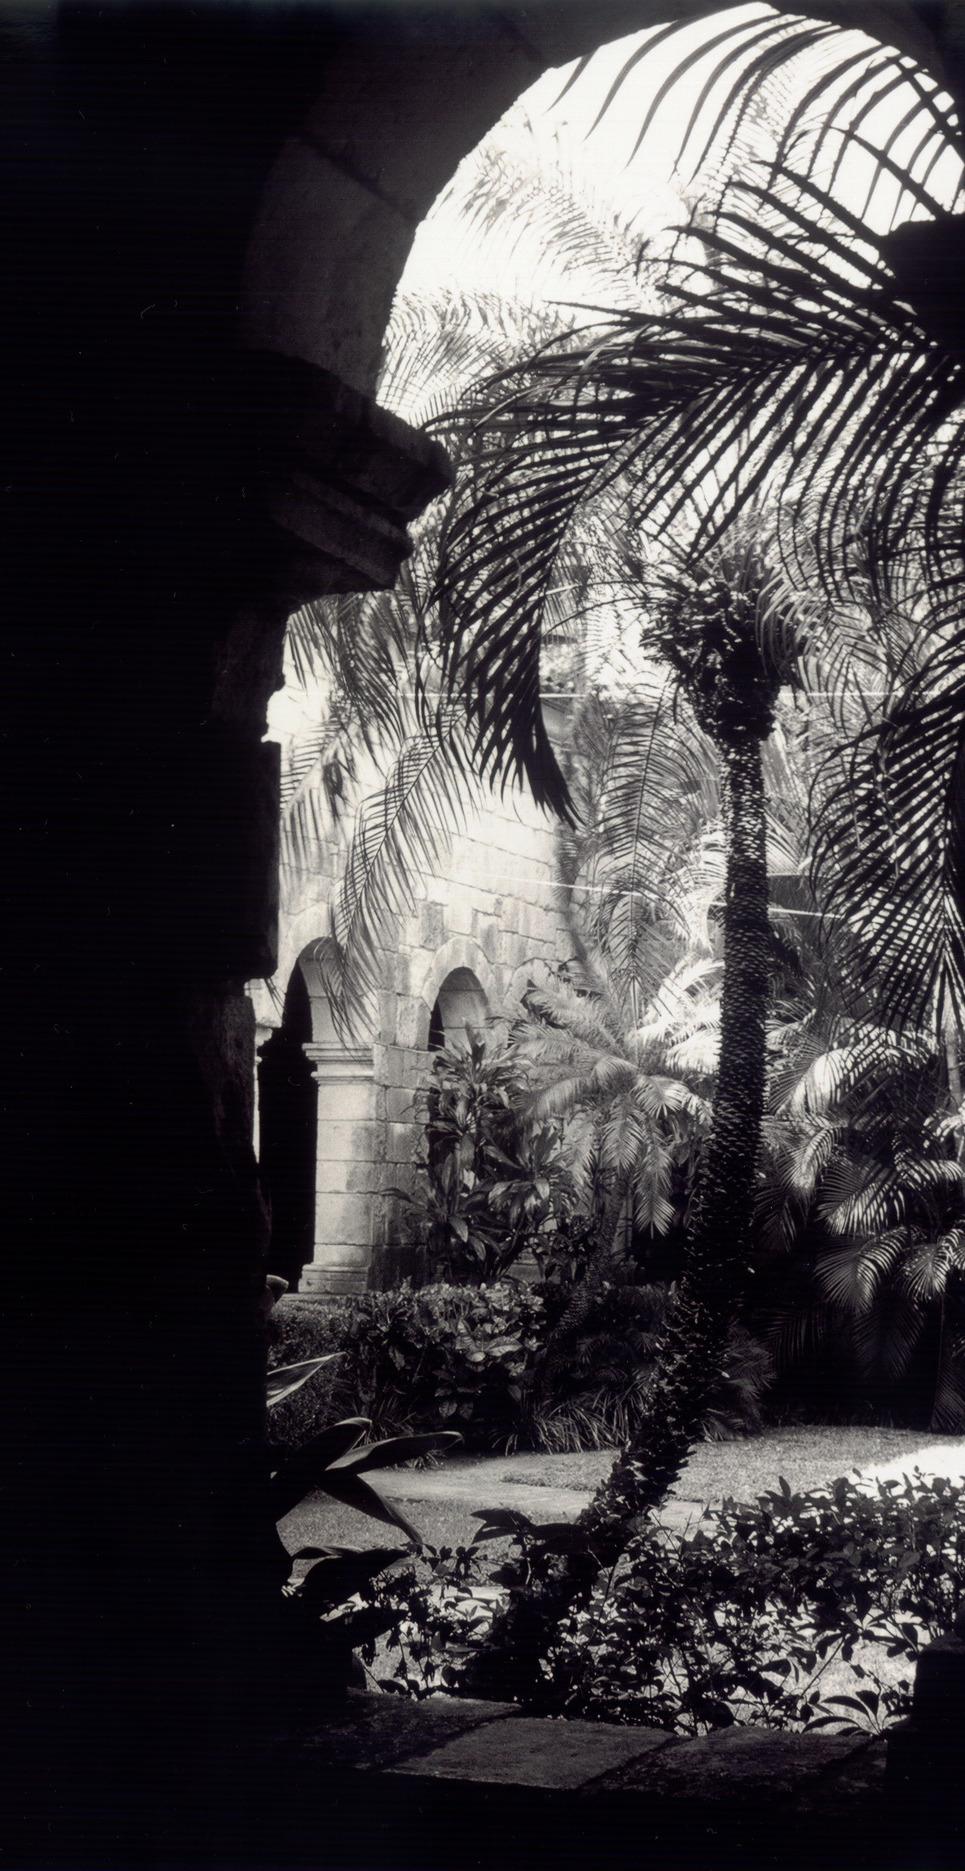 Monastery doorway show